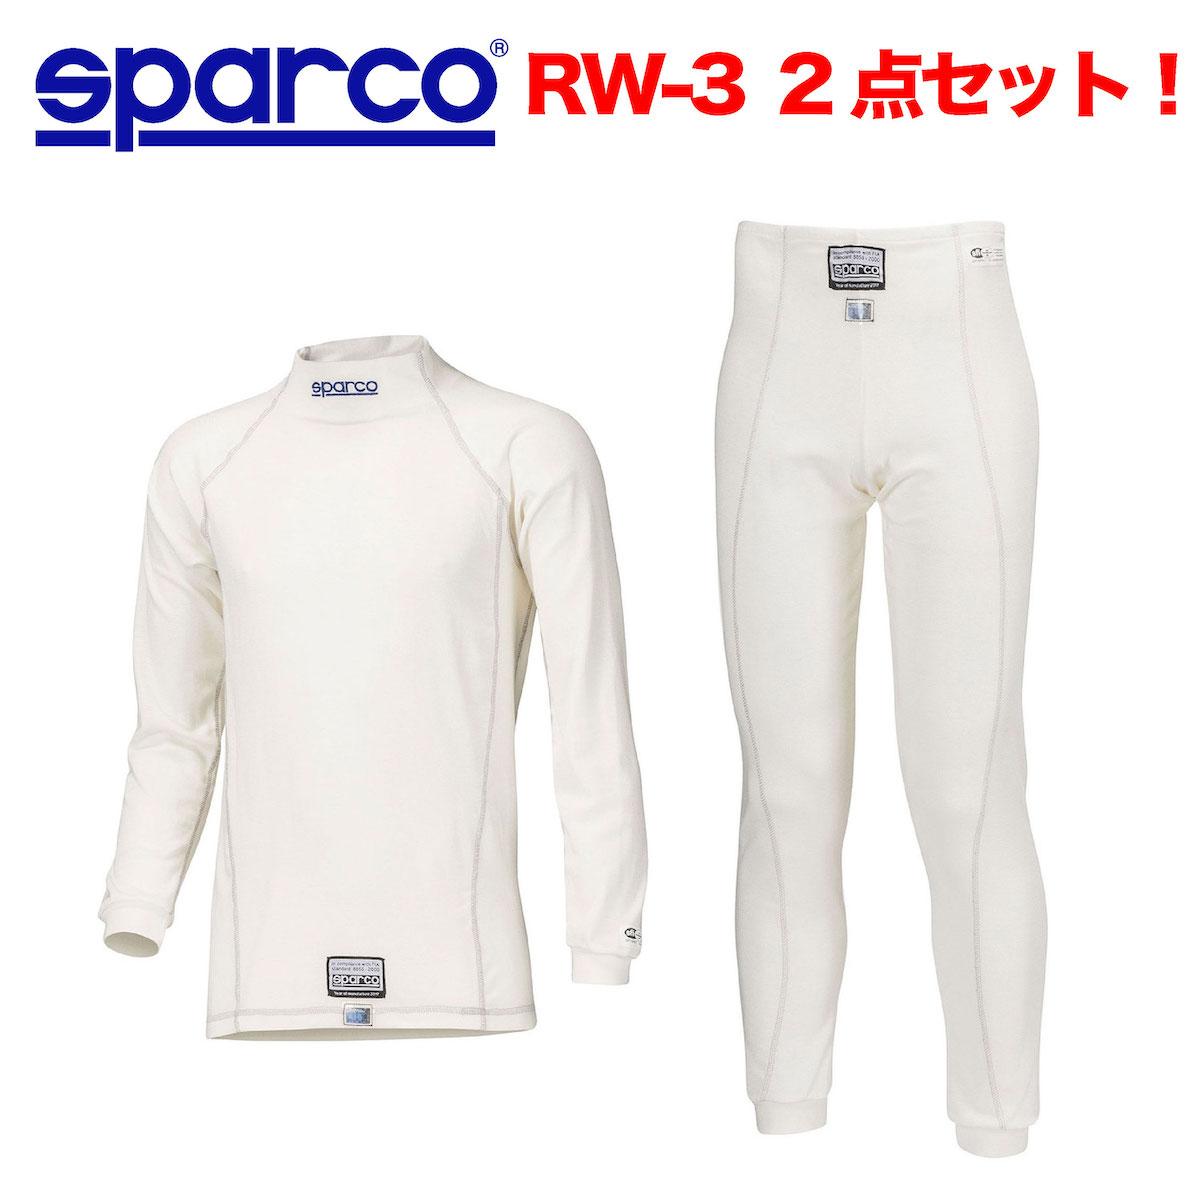 SPARCO スパルコ アンダーウェア GUARD RW-3 2点セット FIA公認【店頭受取対応商品】